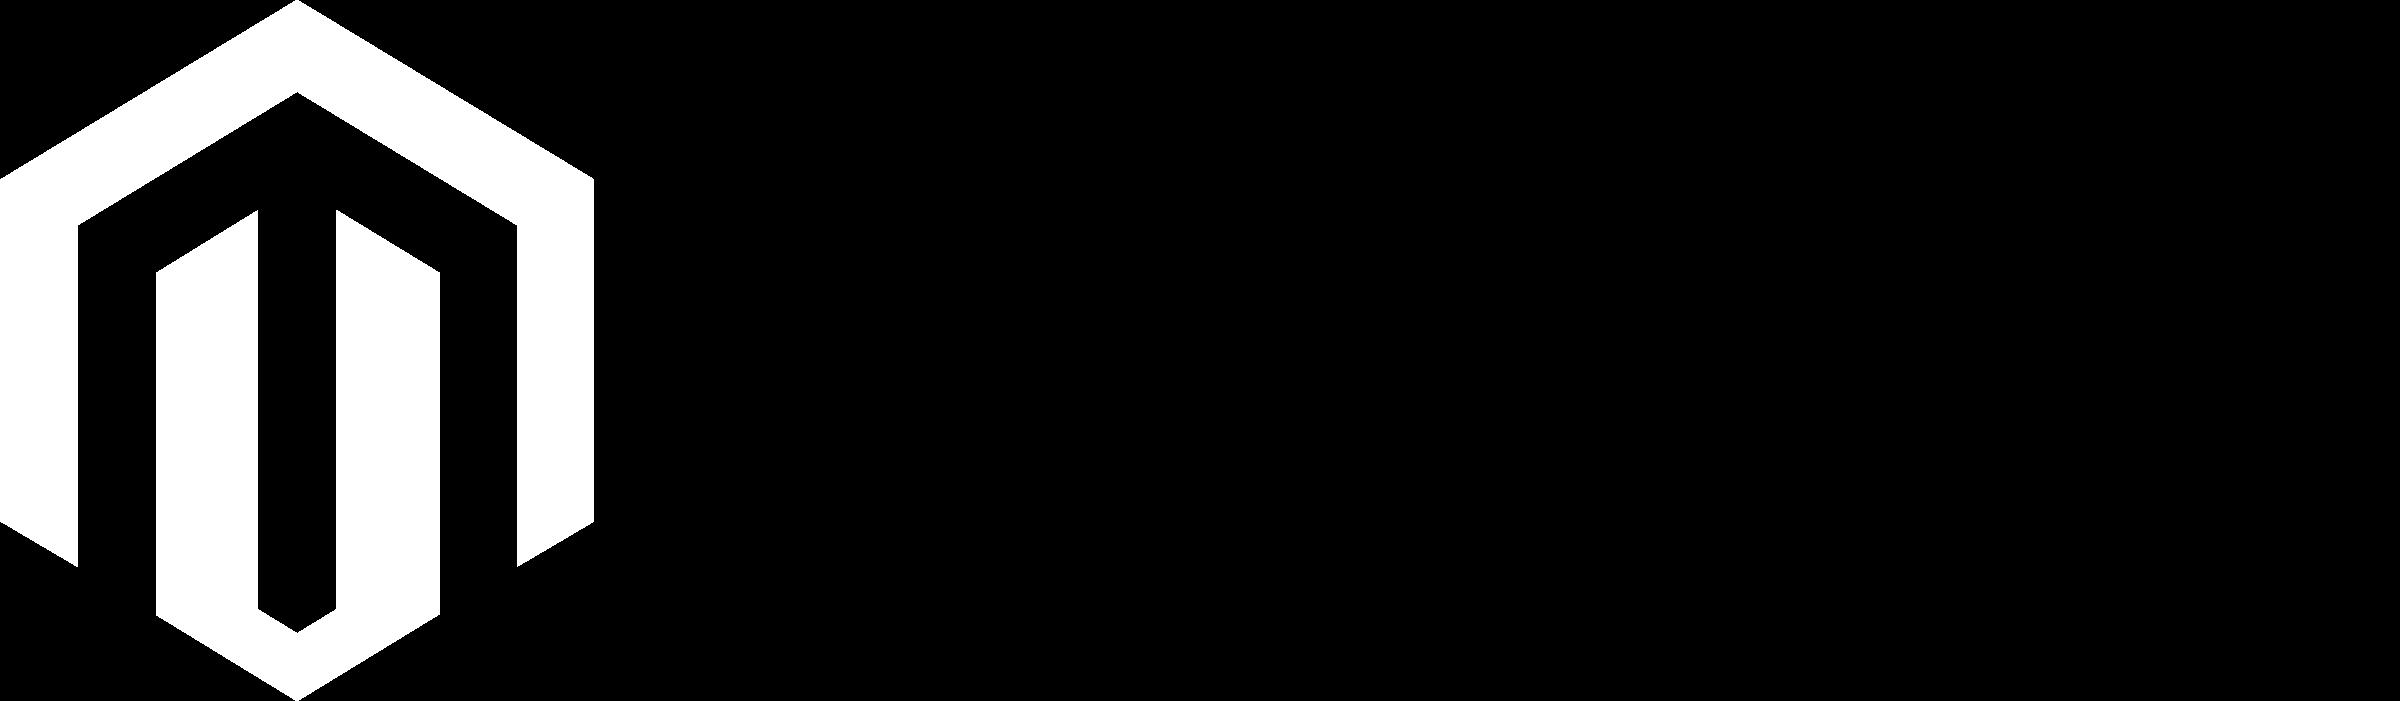 Magento PNG Clipart SVG Clip arts